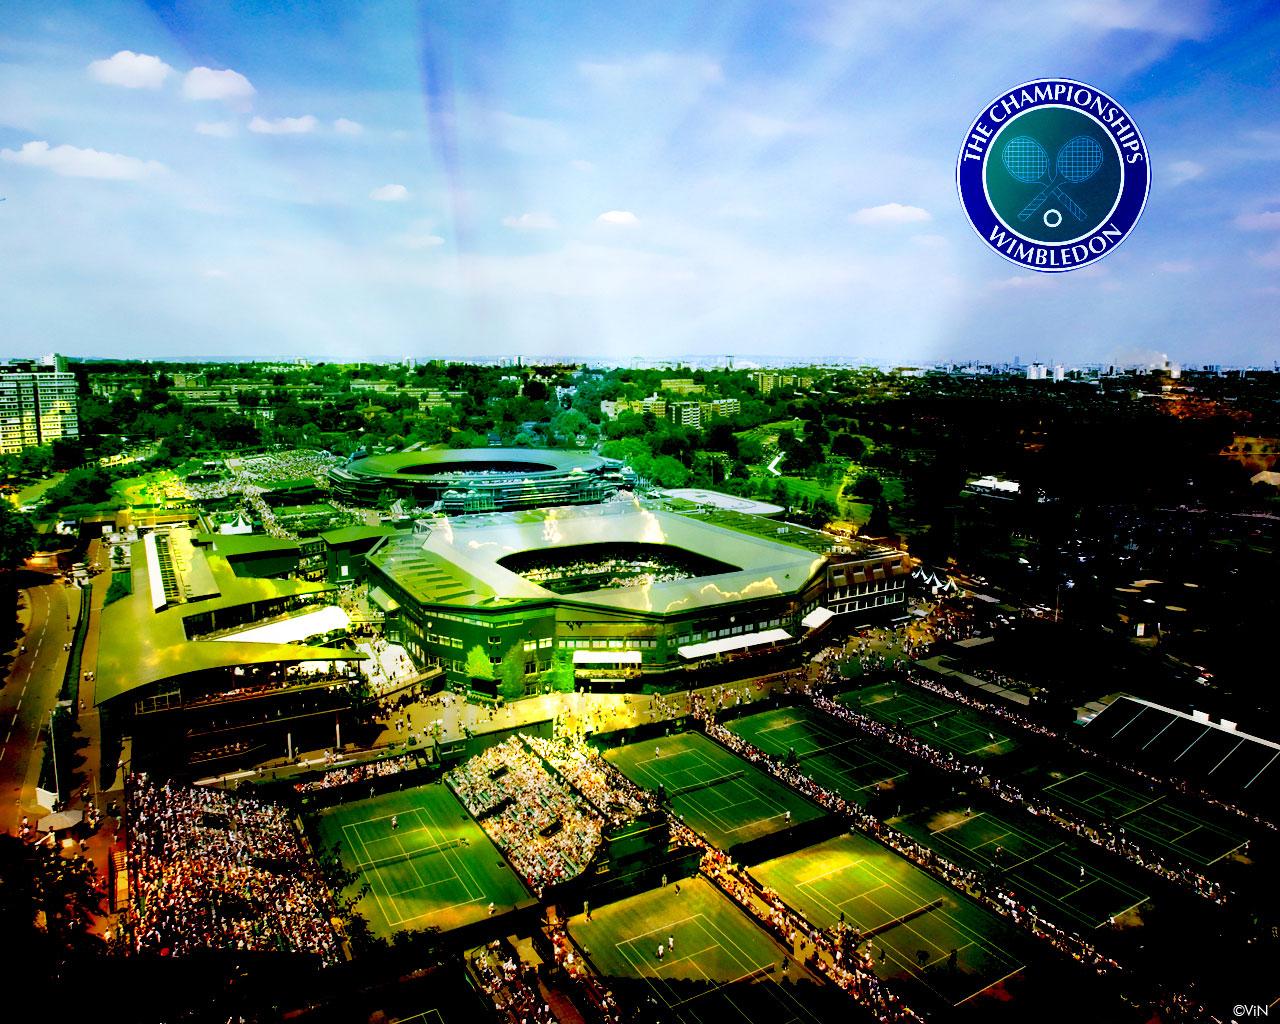 Stadium Wimbledon Hd Wallpaper Desktop